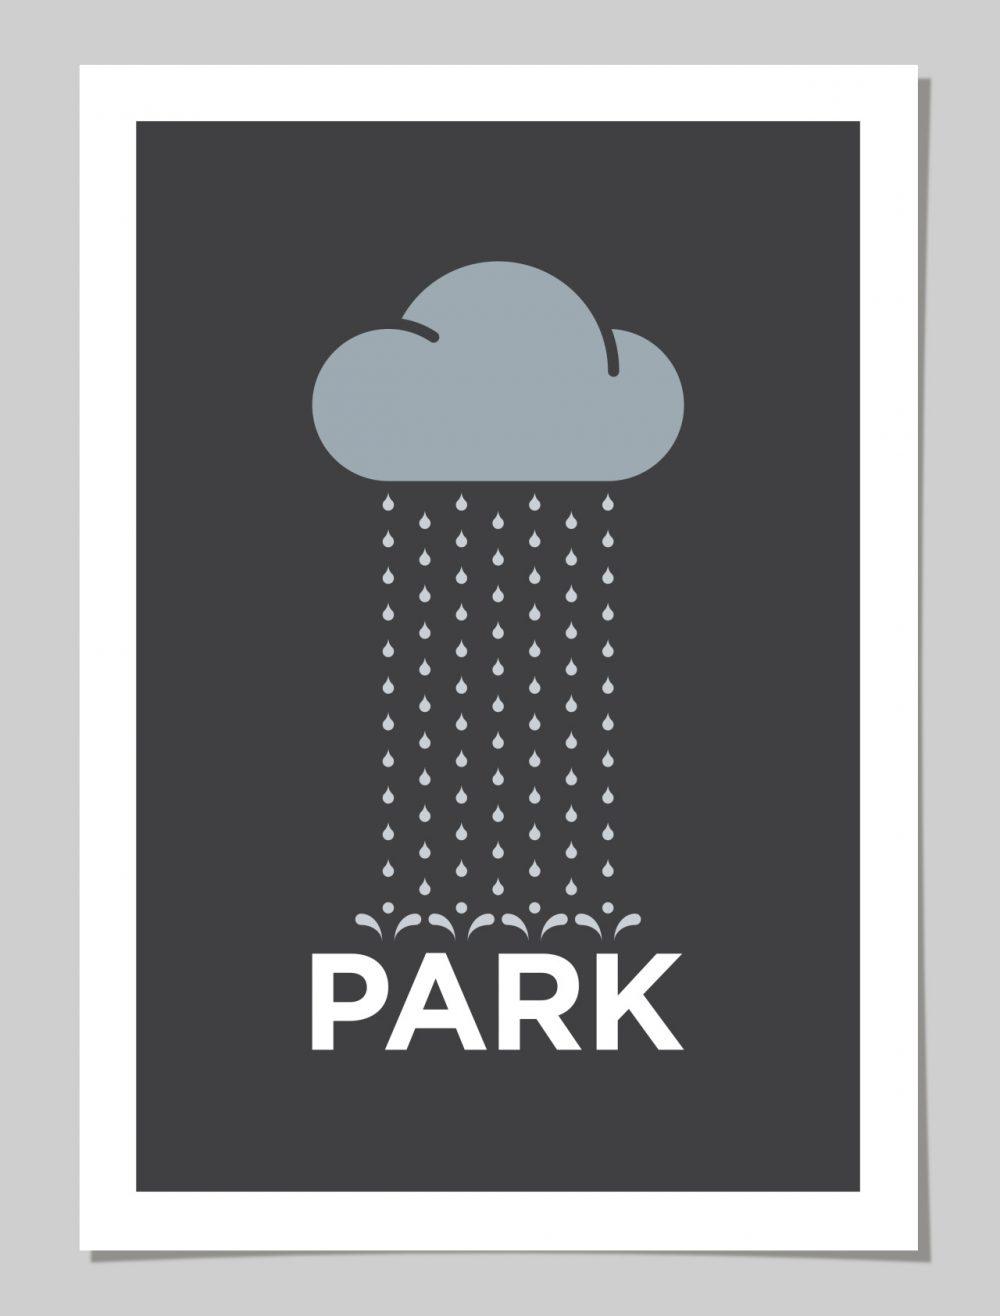 pun-raynespark